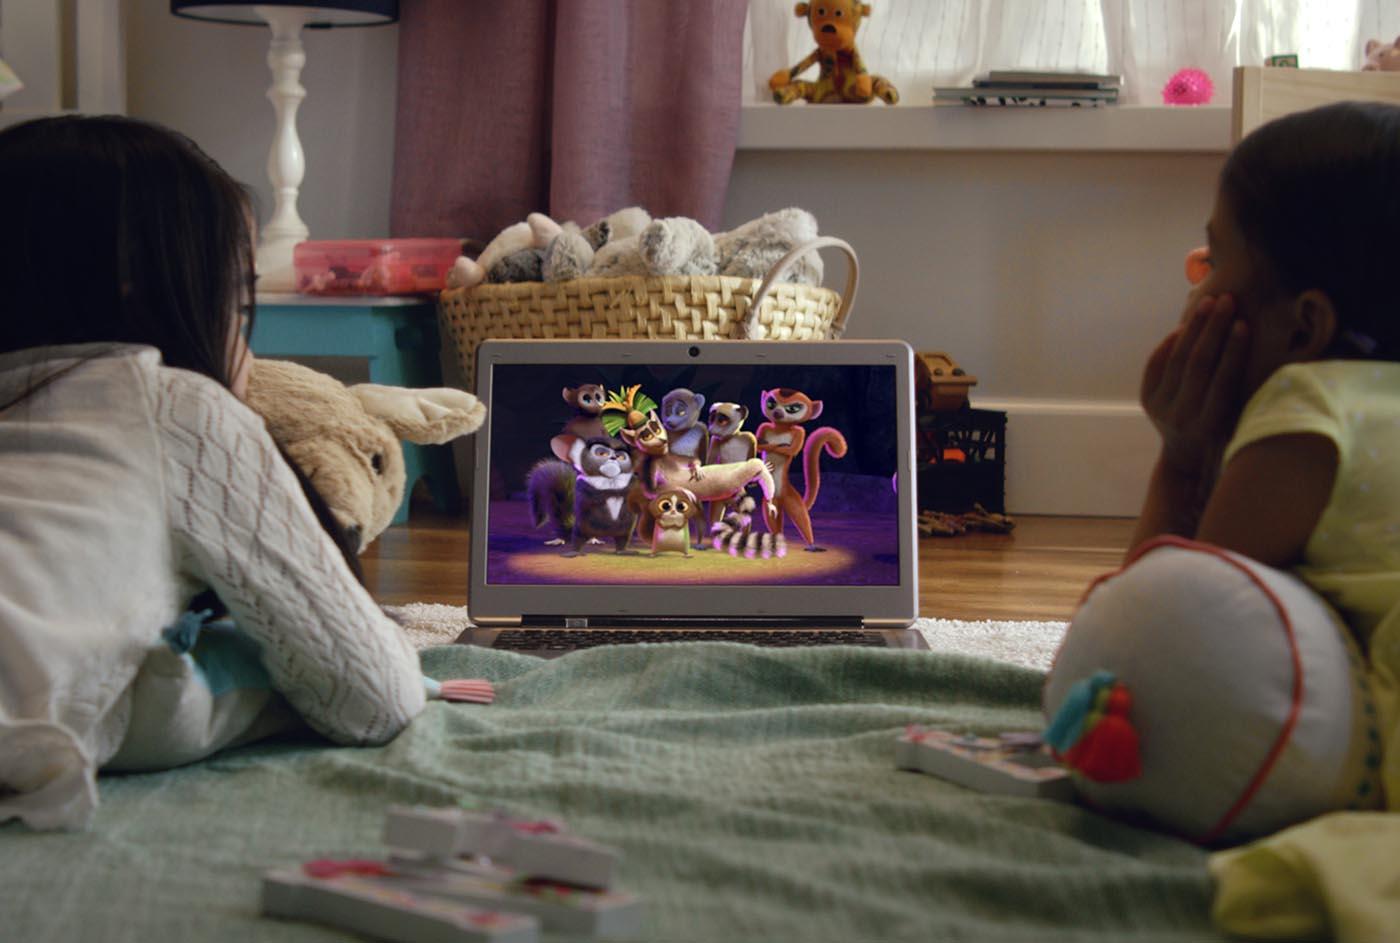 Netflix tendrá que competir con Disney que ha sido hasta hoy uno de sus proveedores de contenidos